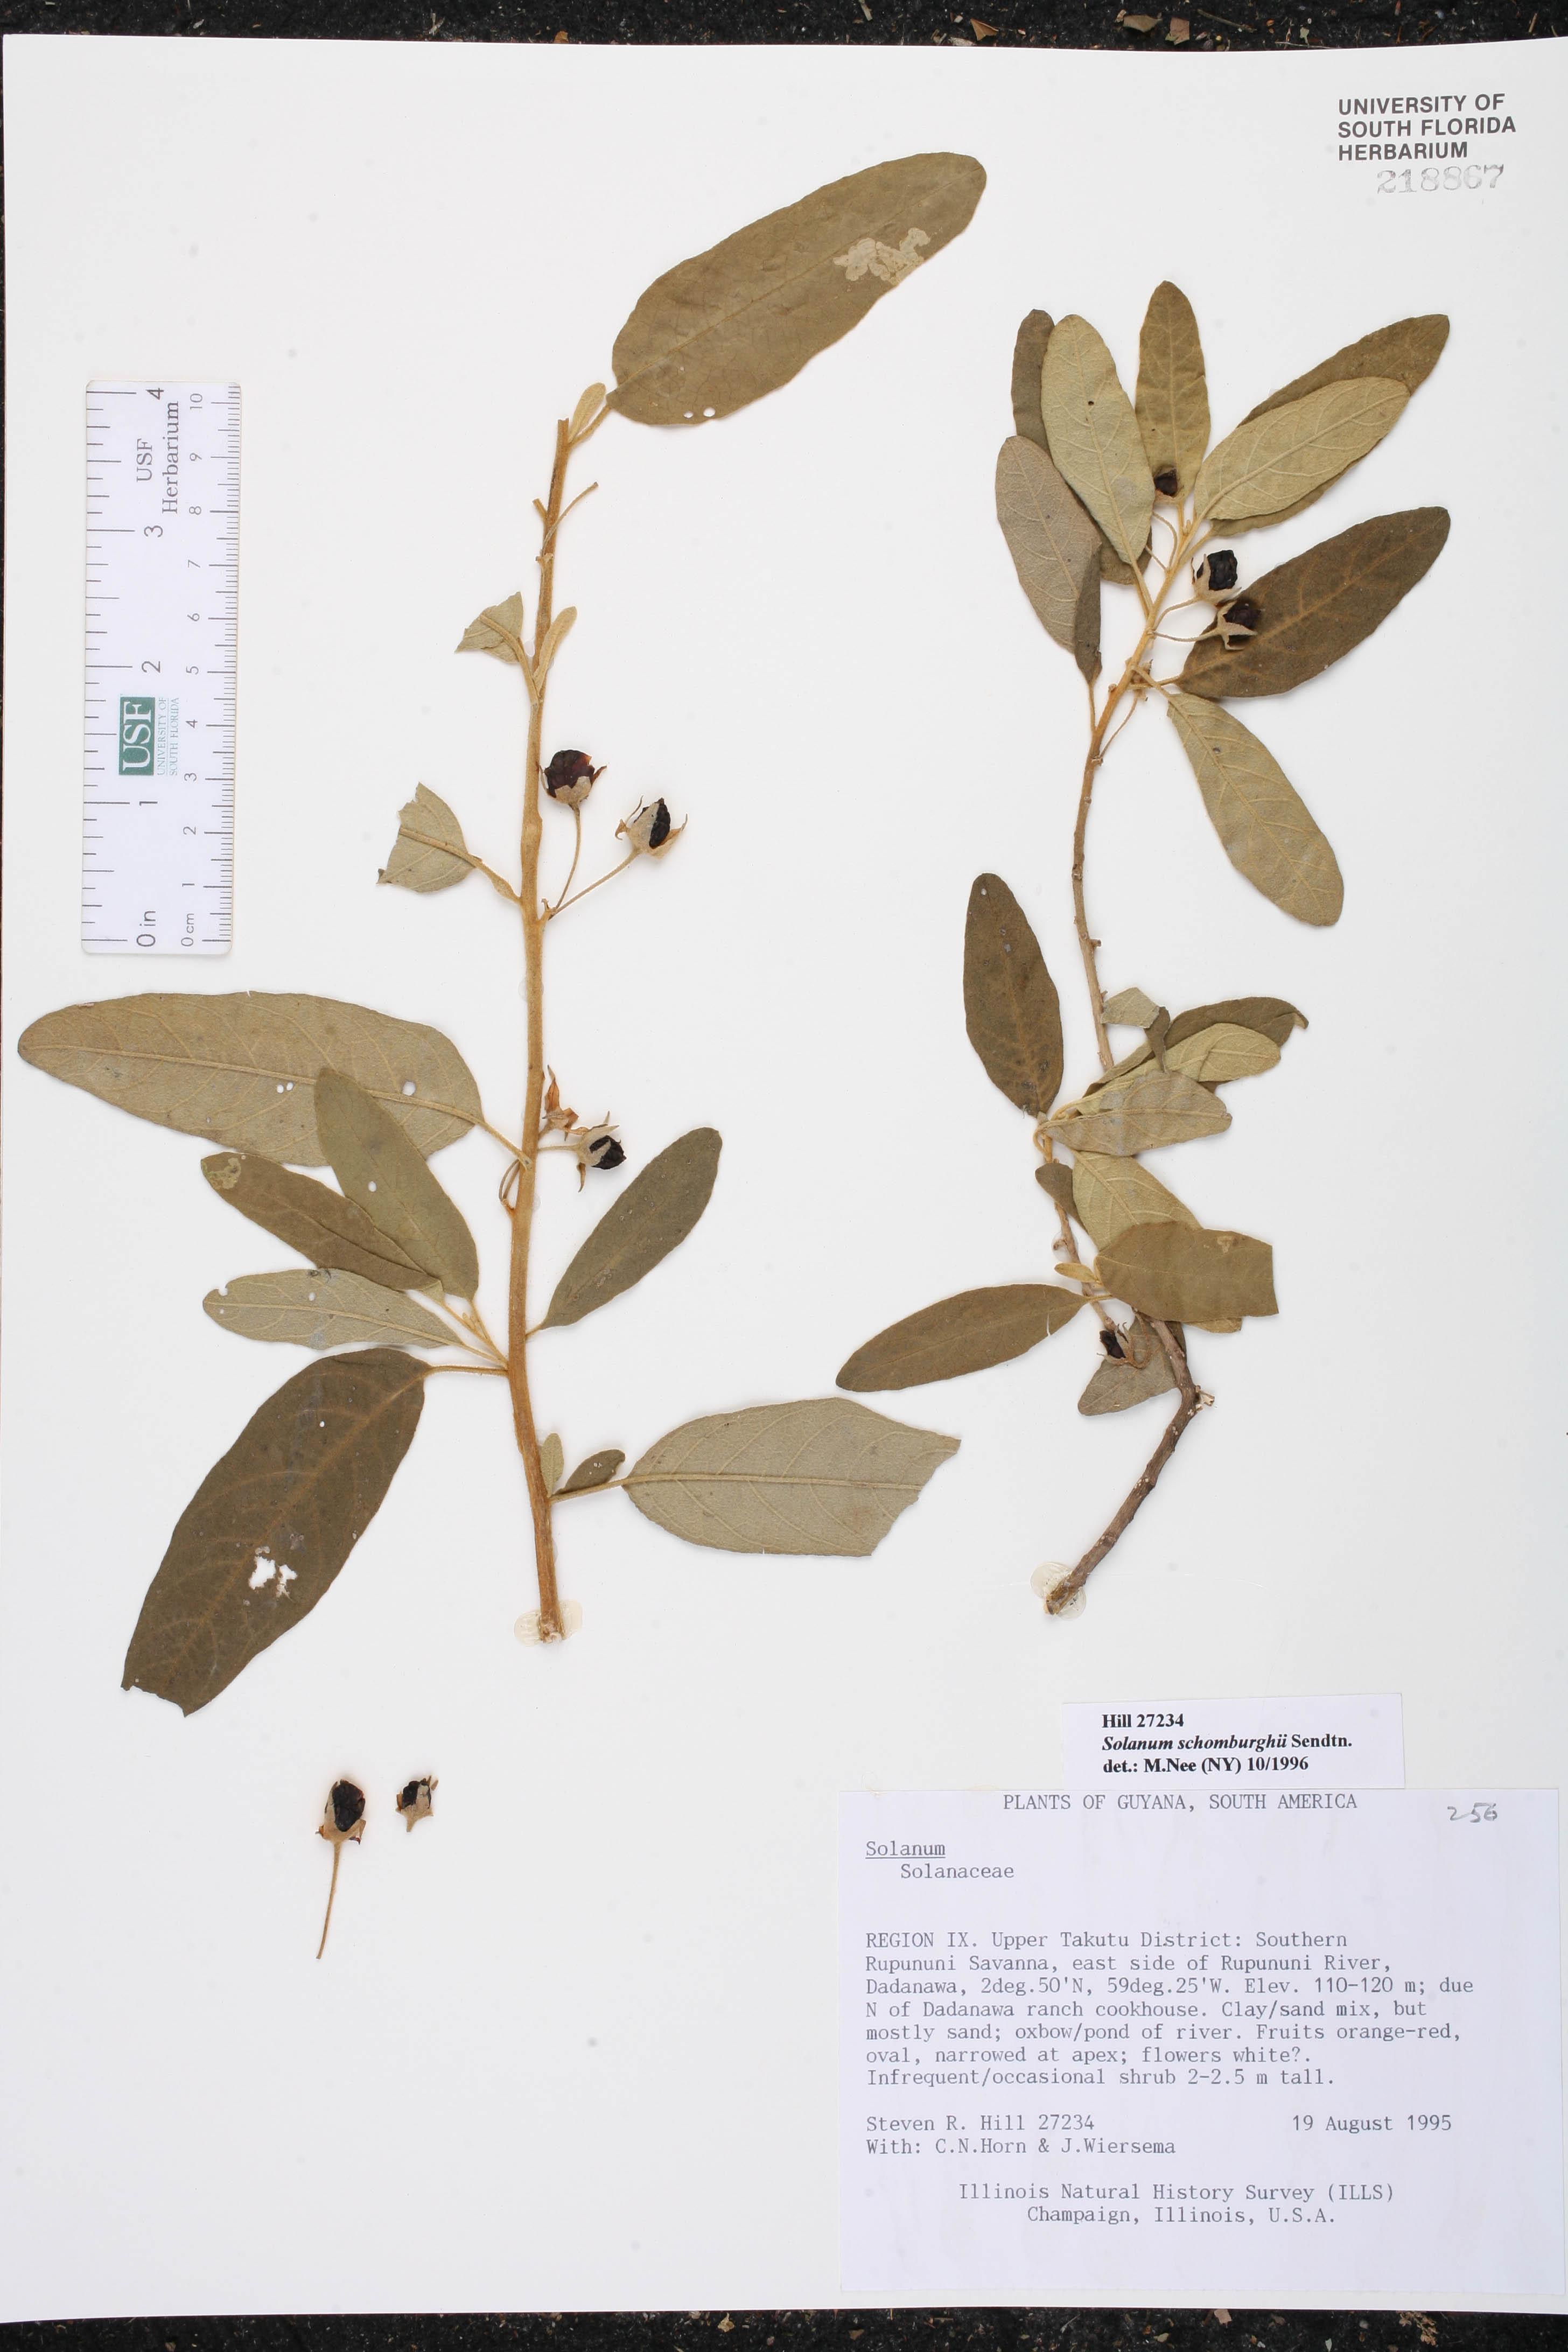 Solanum schomburghii image